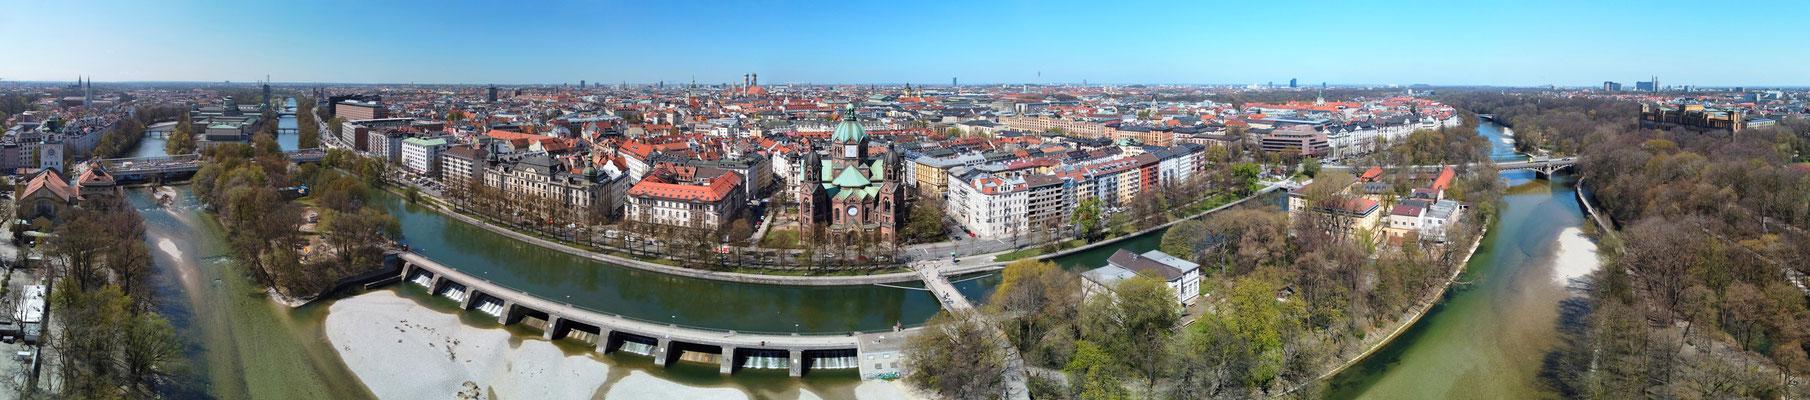 Panorama - Drohnenfoto - Luftaufnahme - Landschaft - Städte - München - Fluss - Isar - 180 Grad - Innenstadt München